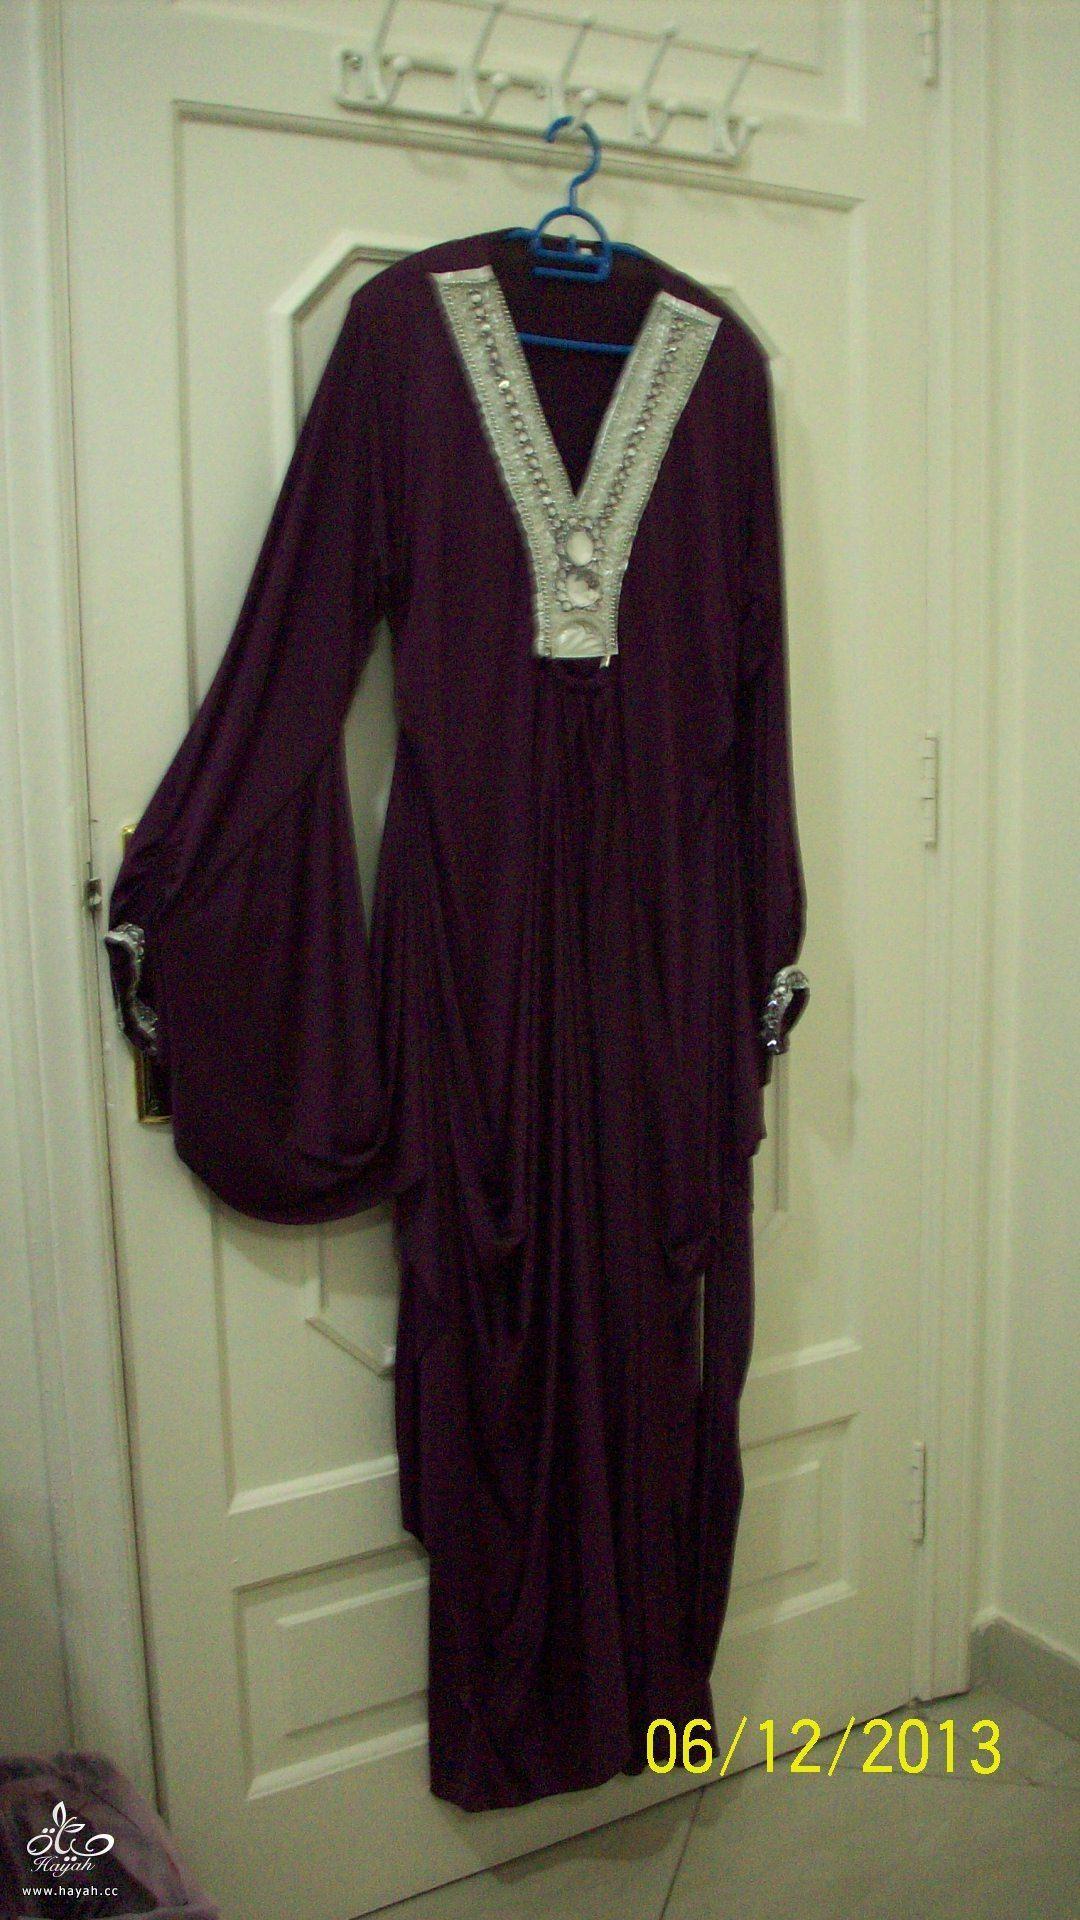 ملابسي - ملابس جديدة للبيع hayahcc_1389921710_117.jpg